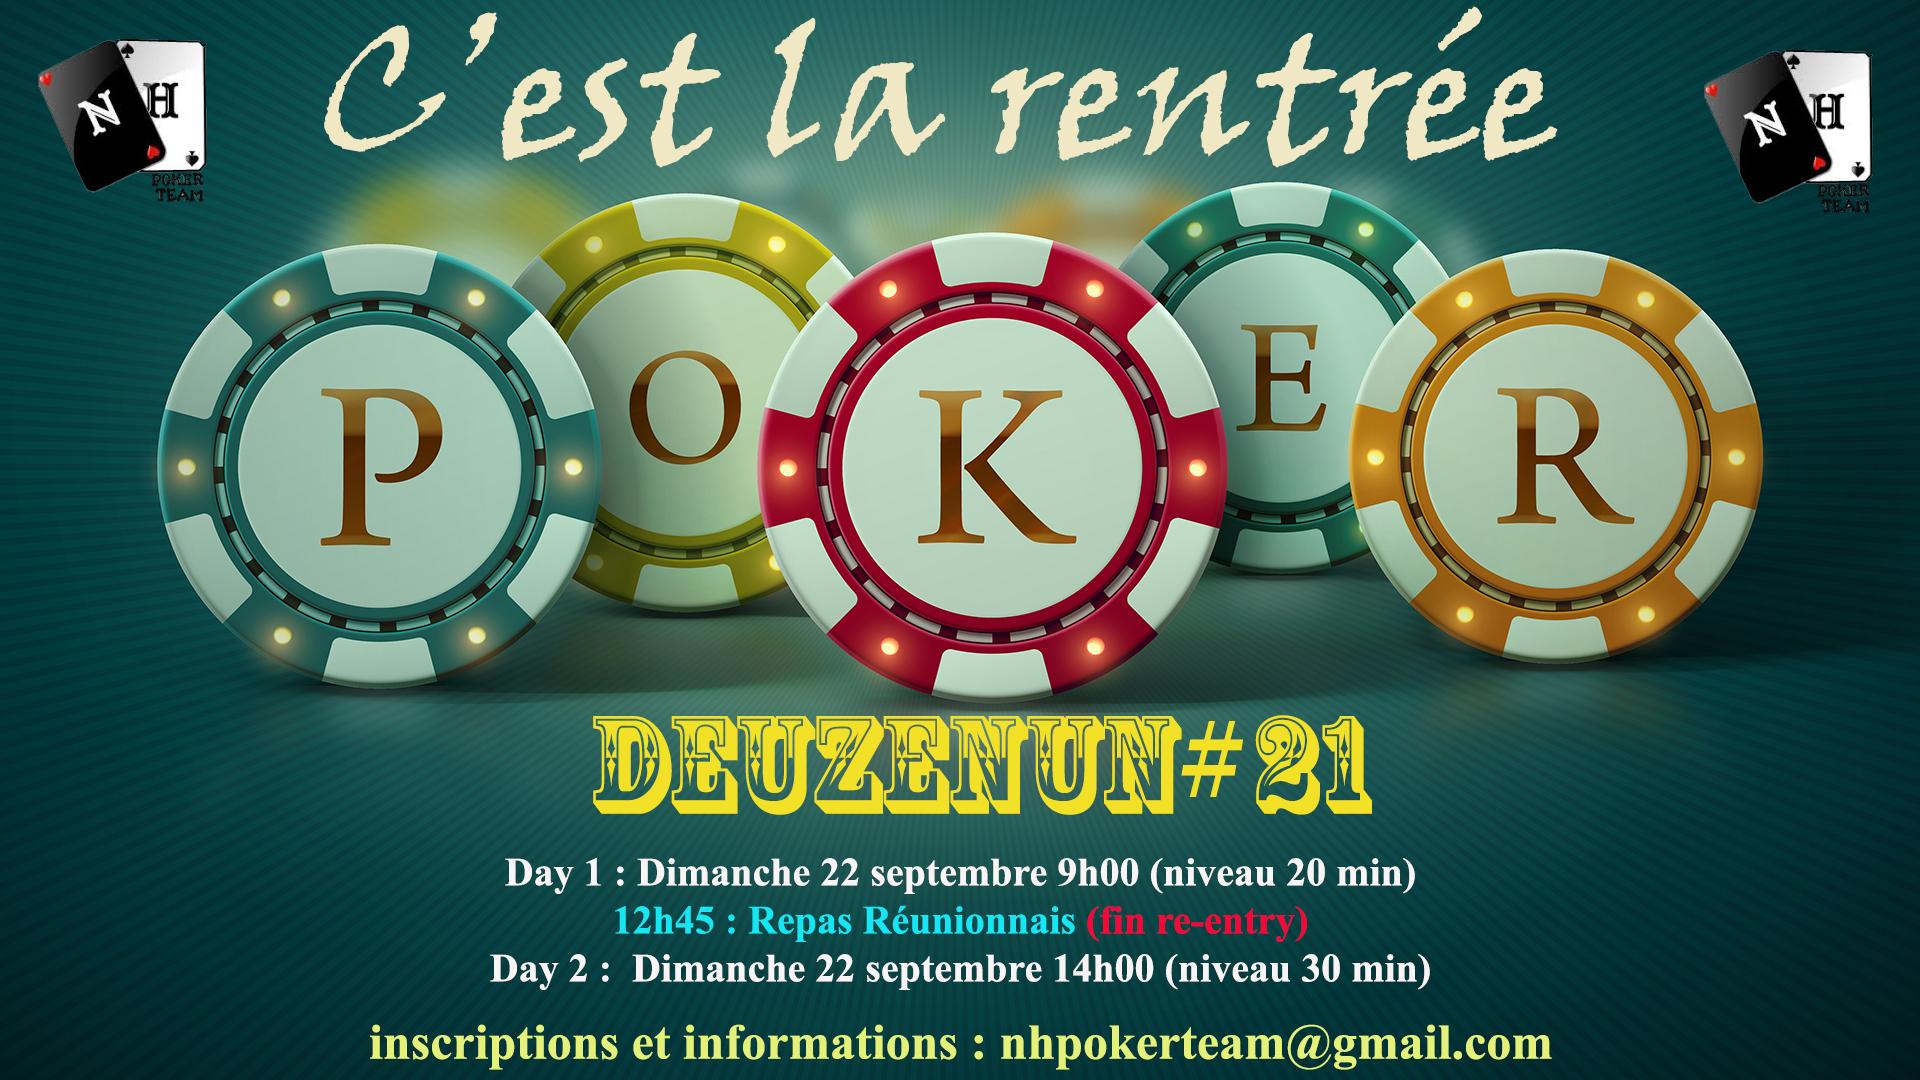 Deuzenun, Deuzenun#21, tournoi poker, NH Poker Team, poker saint-quentin-en-yvelines, poker, tournoi NH